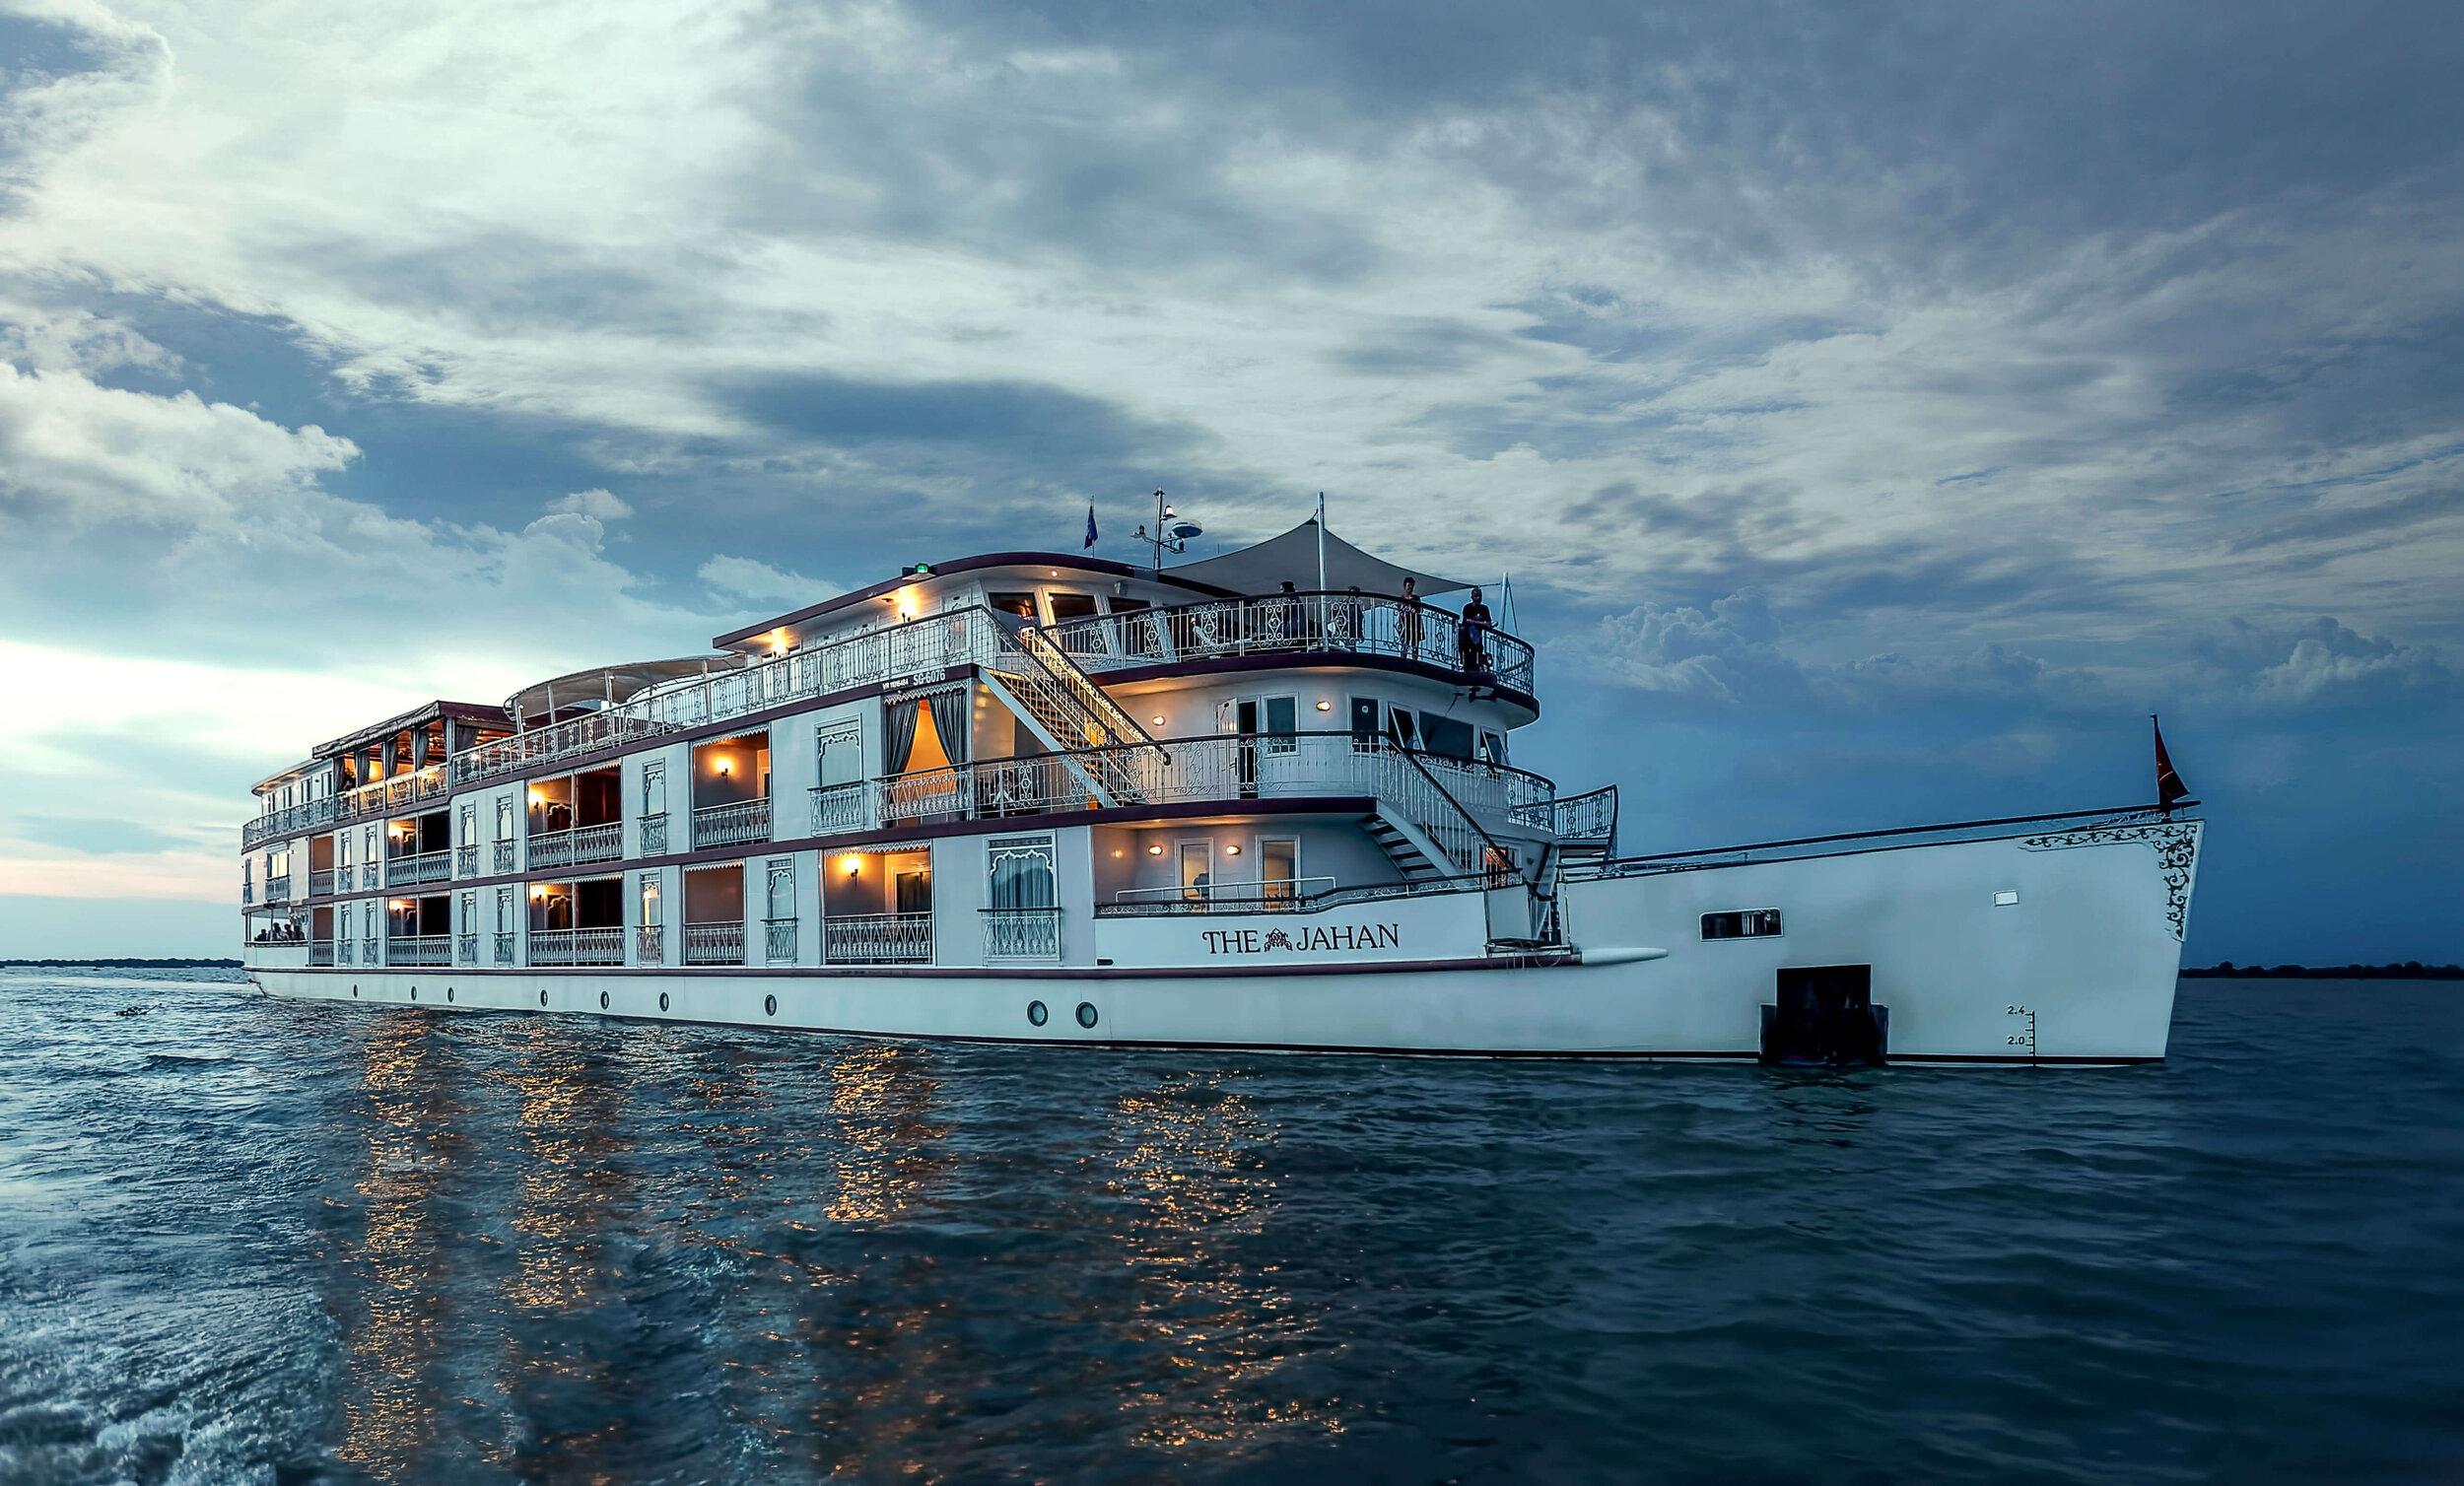 Croisière sur le Mékong avec le bateau Jahan cruise